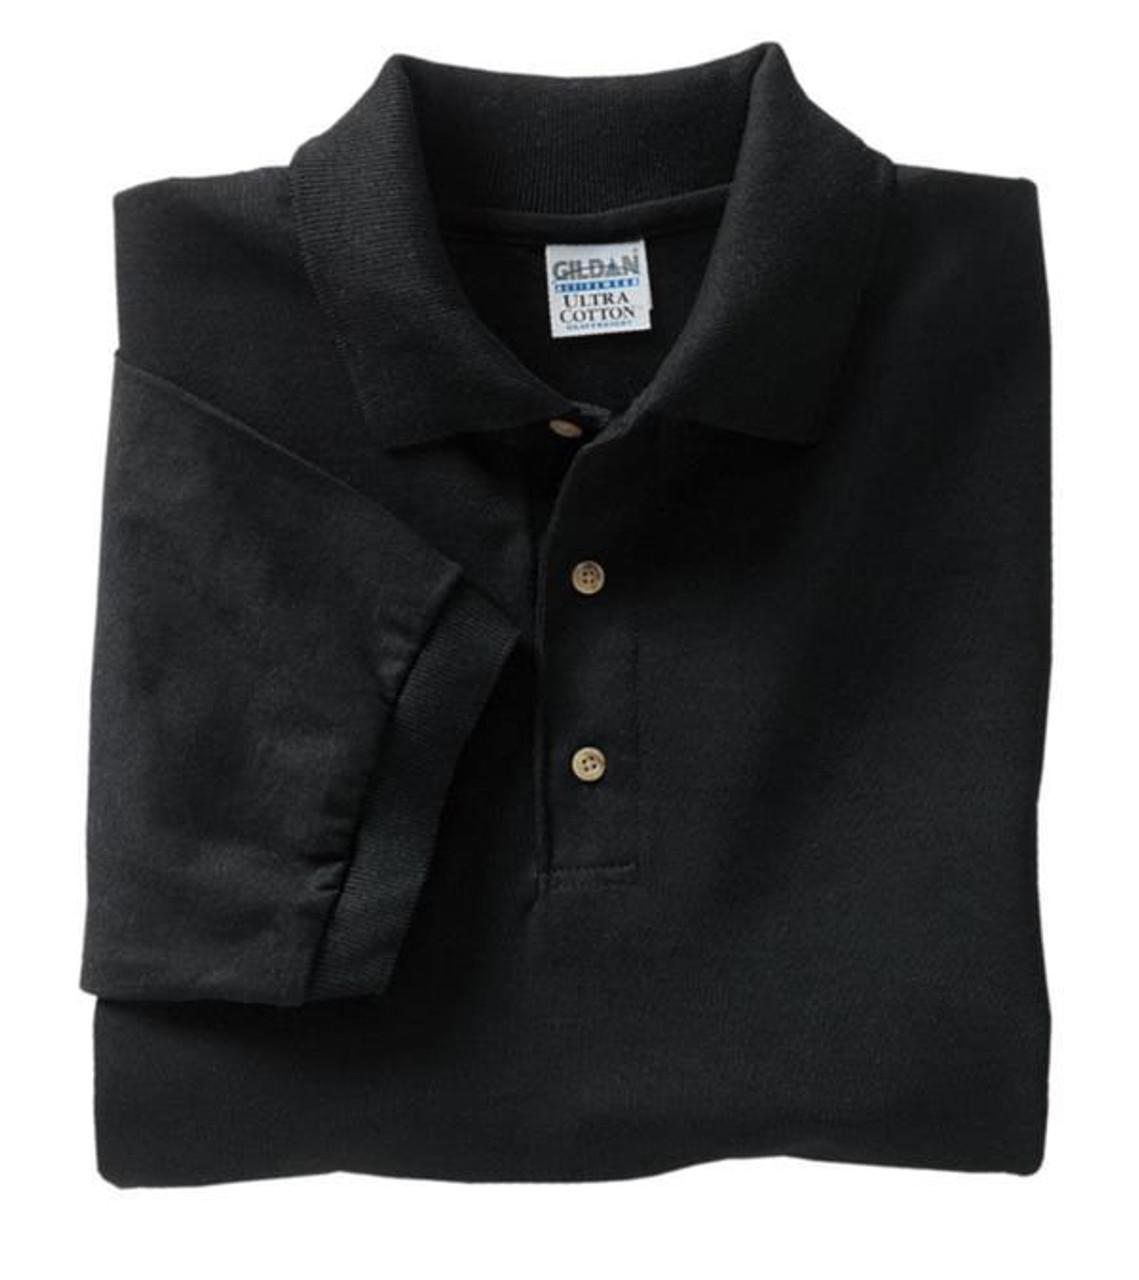 Black Jersey knit sports polo